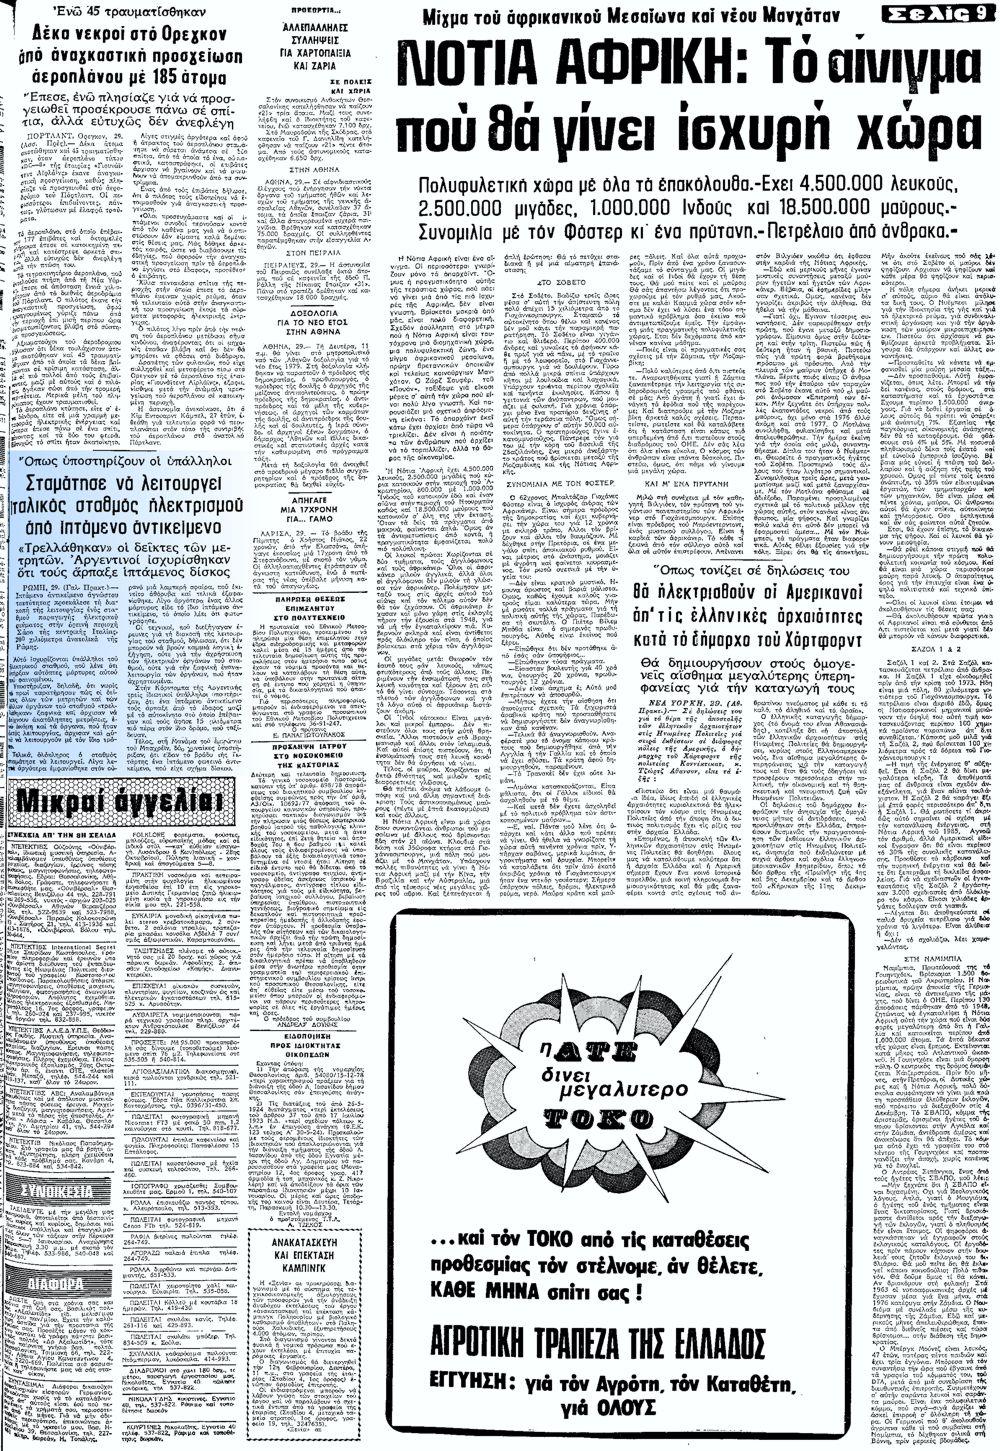 """Το άρθρο, όπως δημοσιεύθηκε στην εφημερίδα """"ΜΑΚΕΔΟΝΙΑ"""", στις 30/12/1978"""